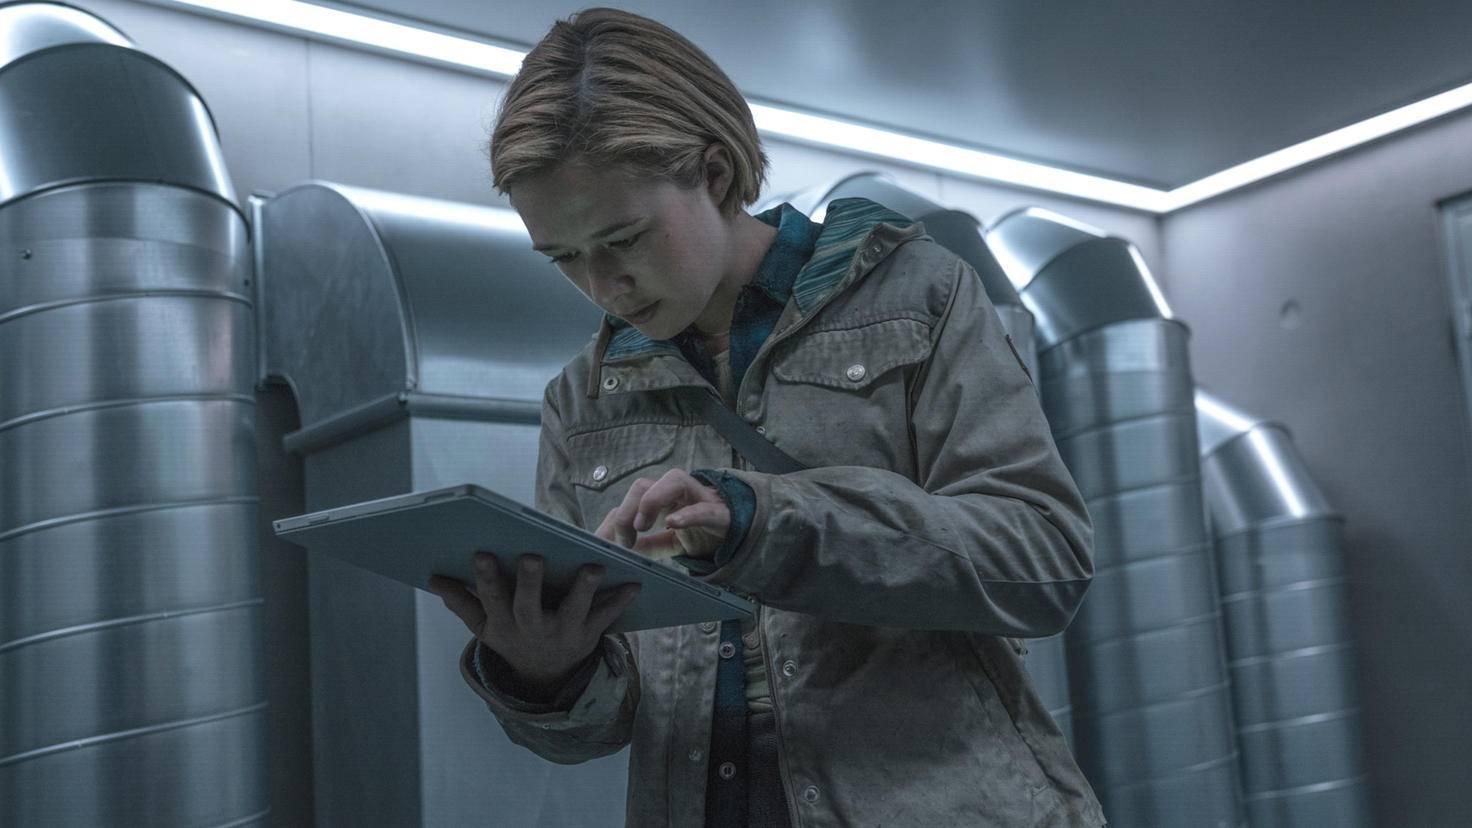 Als Tochter eines Apollon-Angestellten hat Simone Zugriff auf die Kontrollsysteme aller Bunker.